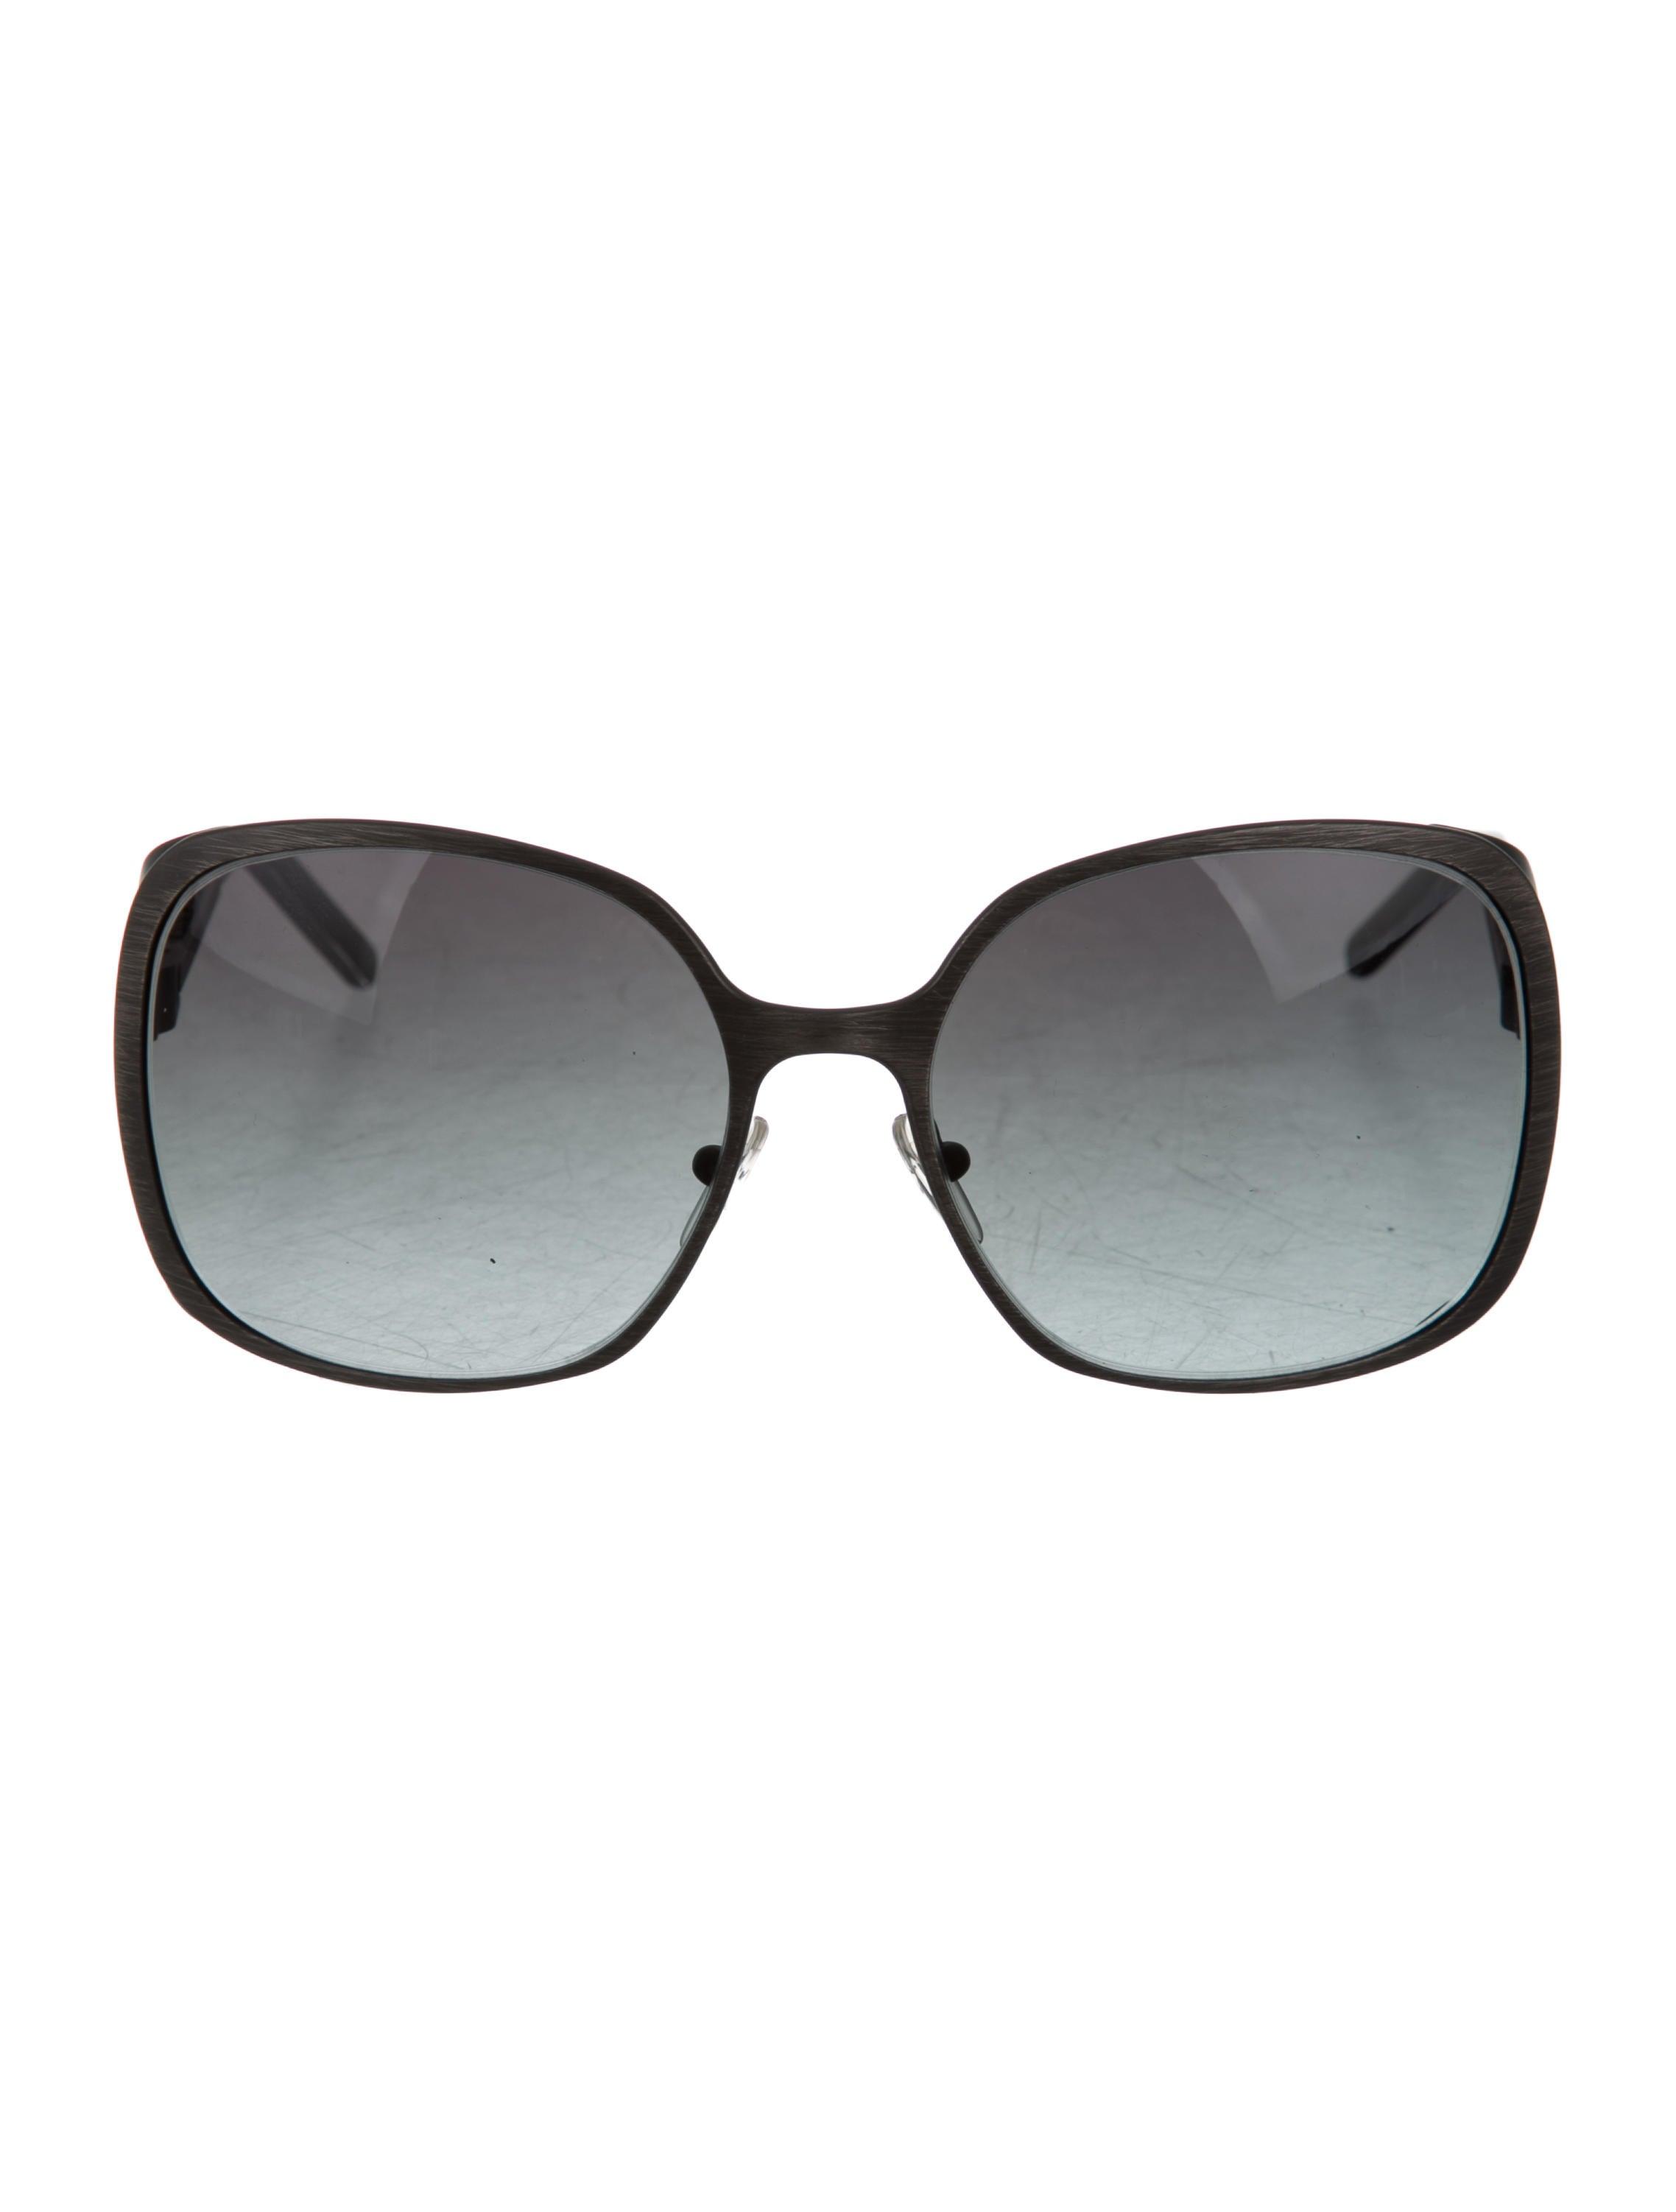 3fdf8a4052c91 Women · Accessories  Bottega Veneta Intrecciato Oversize Sunglasses.  Intrecciato Oversize Sunglasses